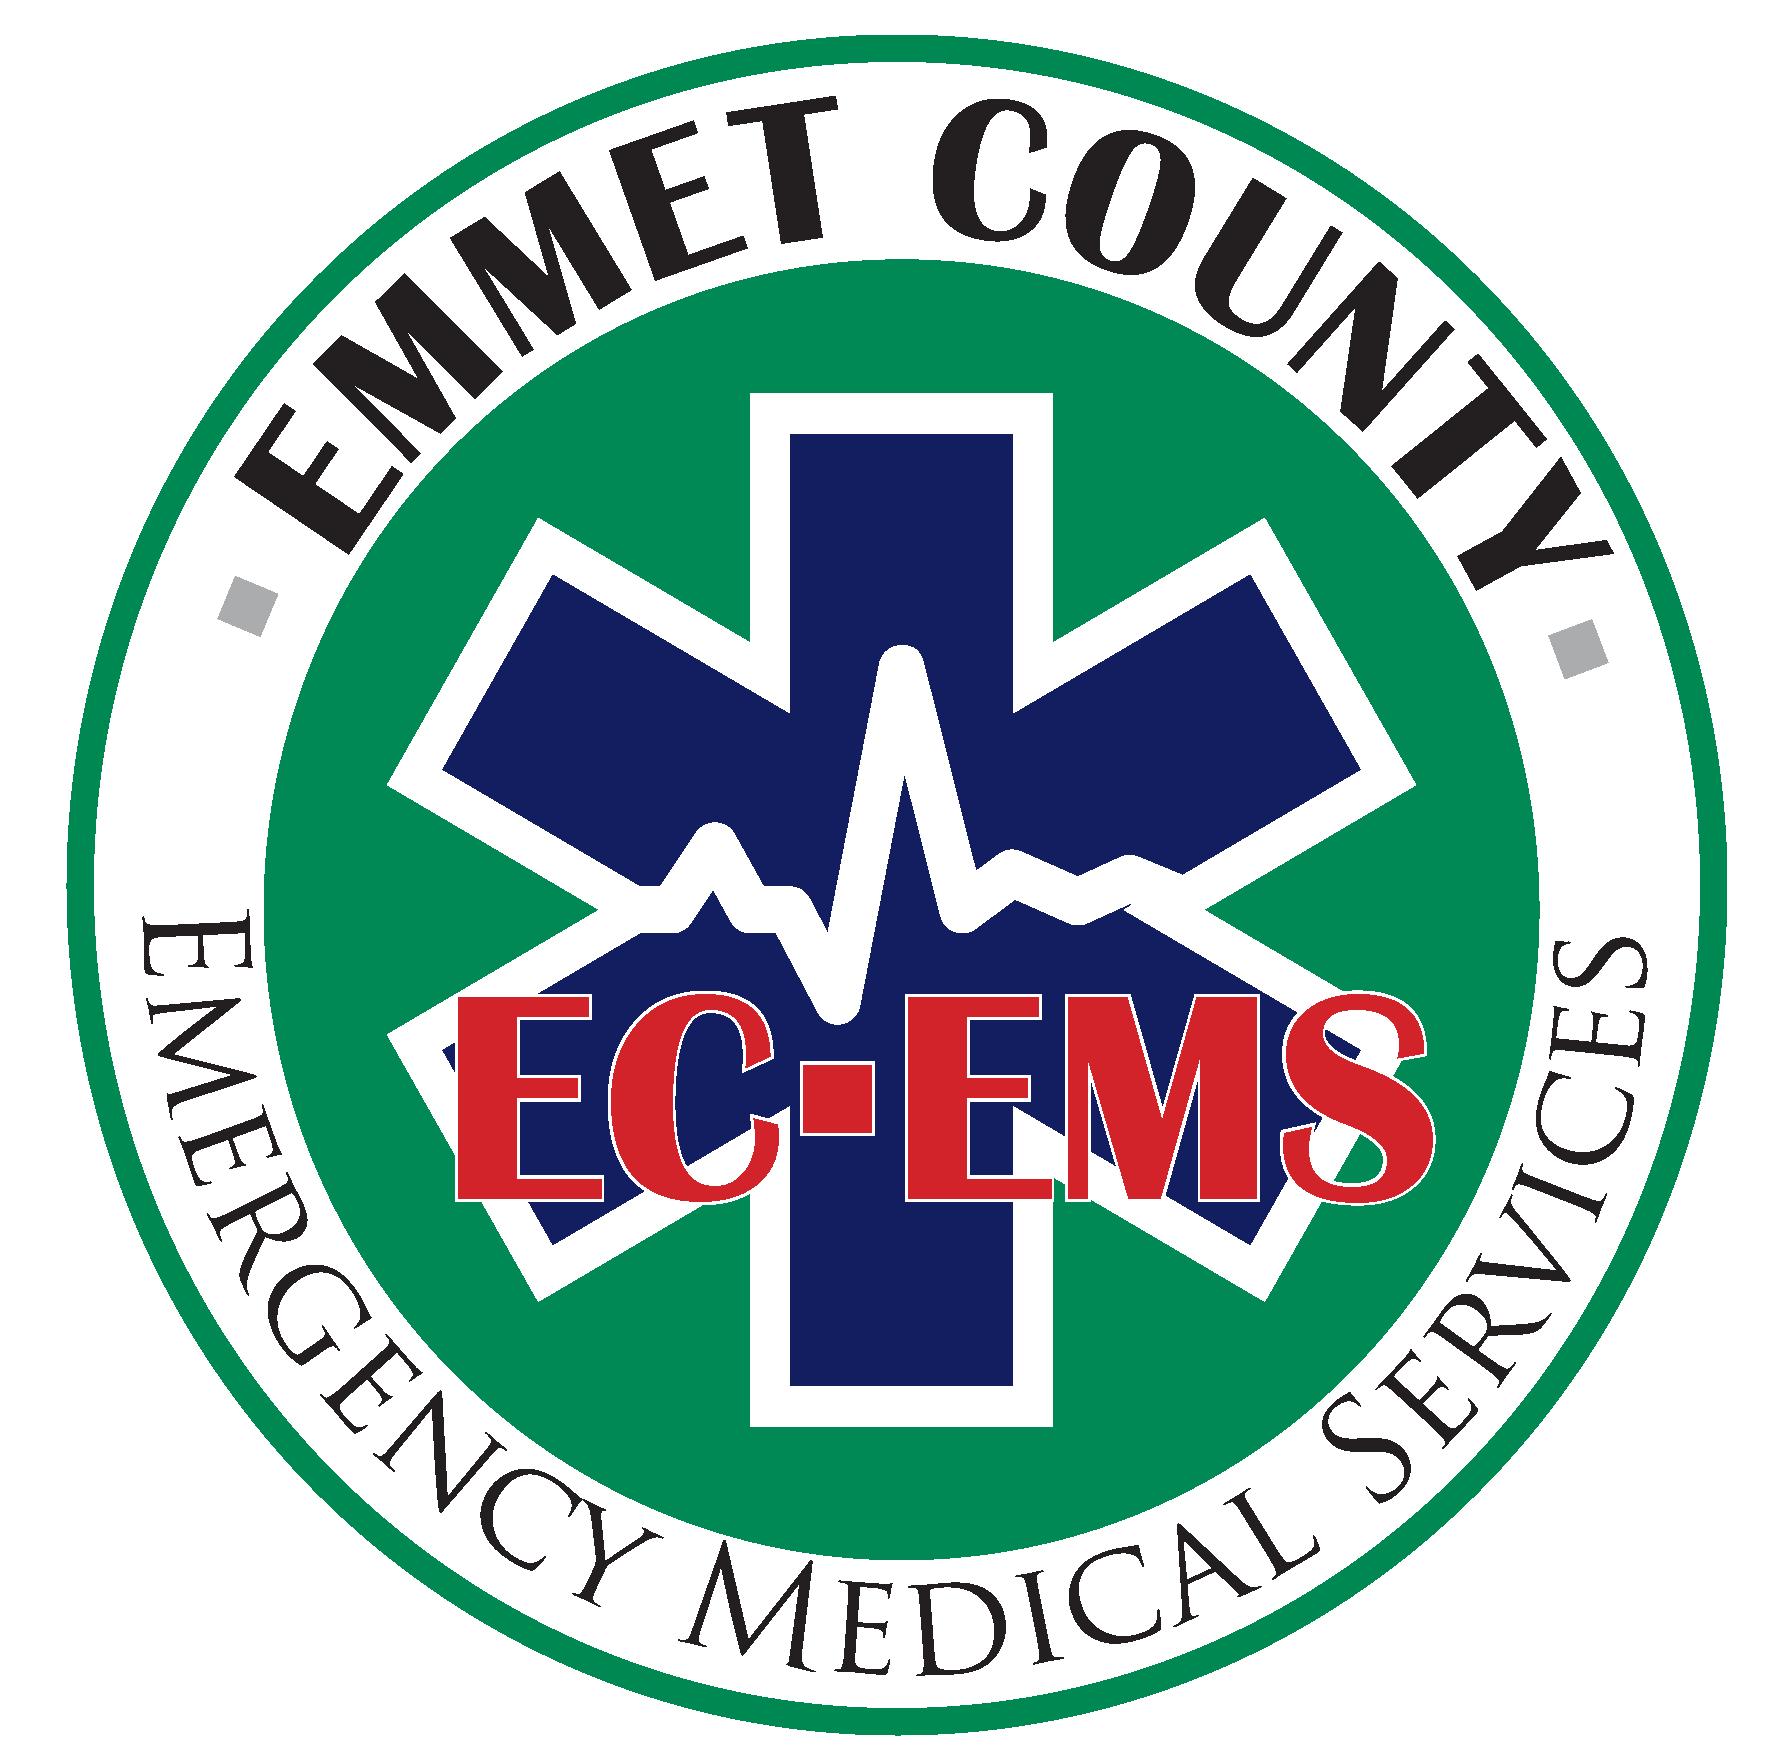 Emmet County EMS, Emergency Medical Services